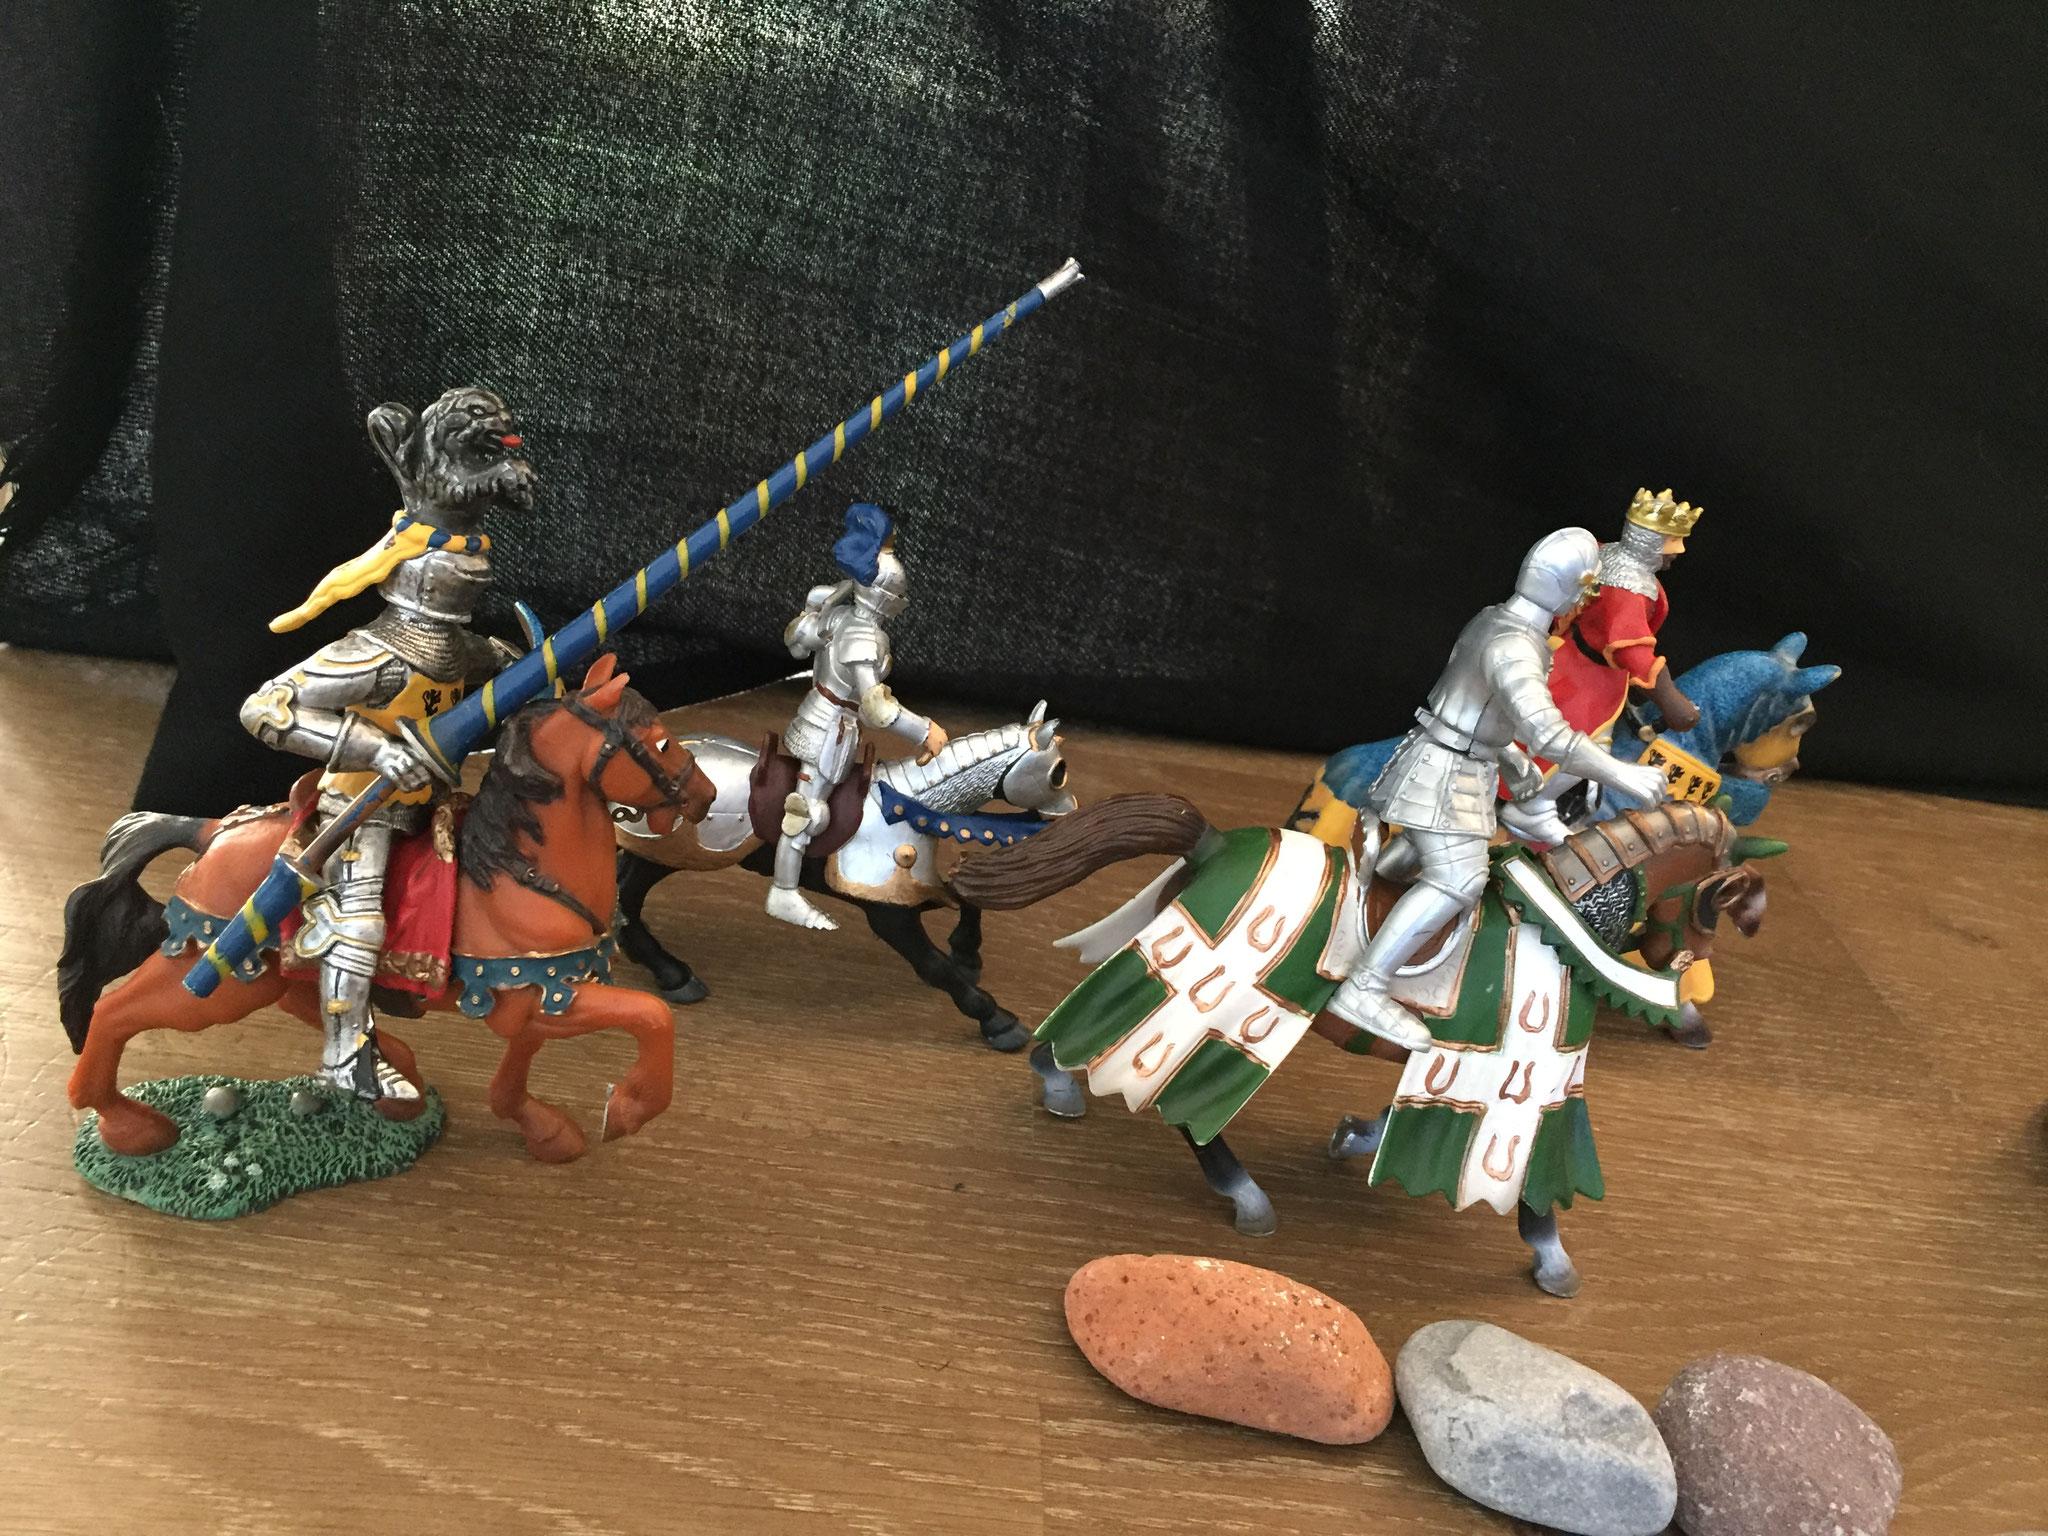 Der König nahm alle Ritter vom Schloss mit. Sie ritten zusammen zur Drachen Höhle.